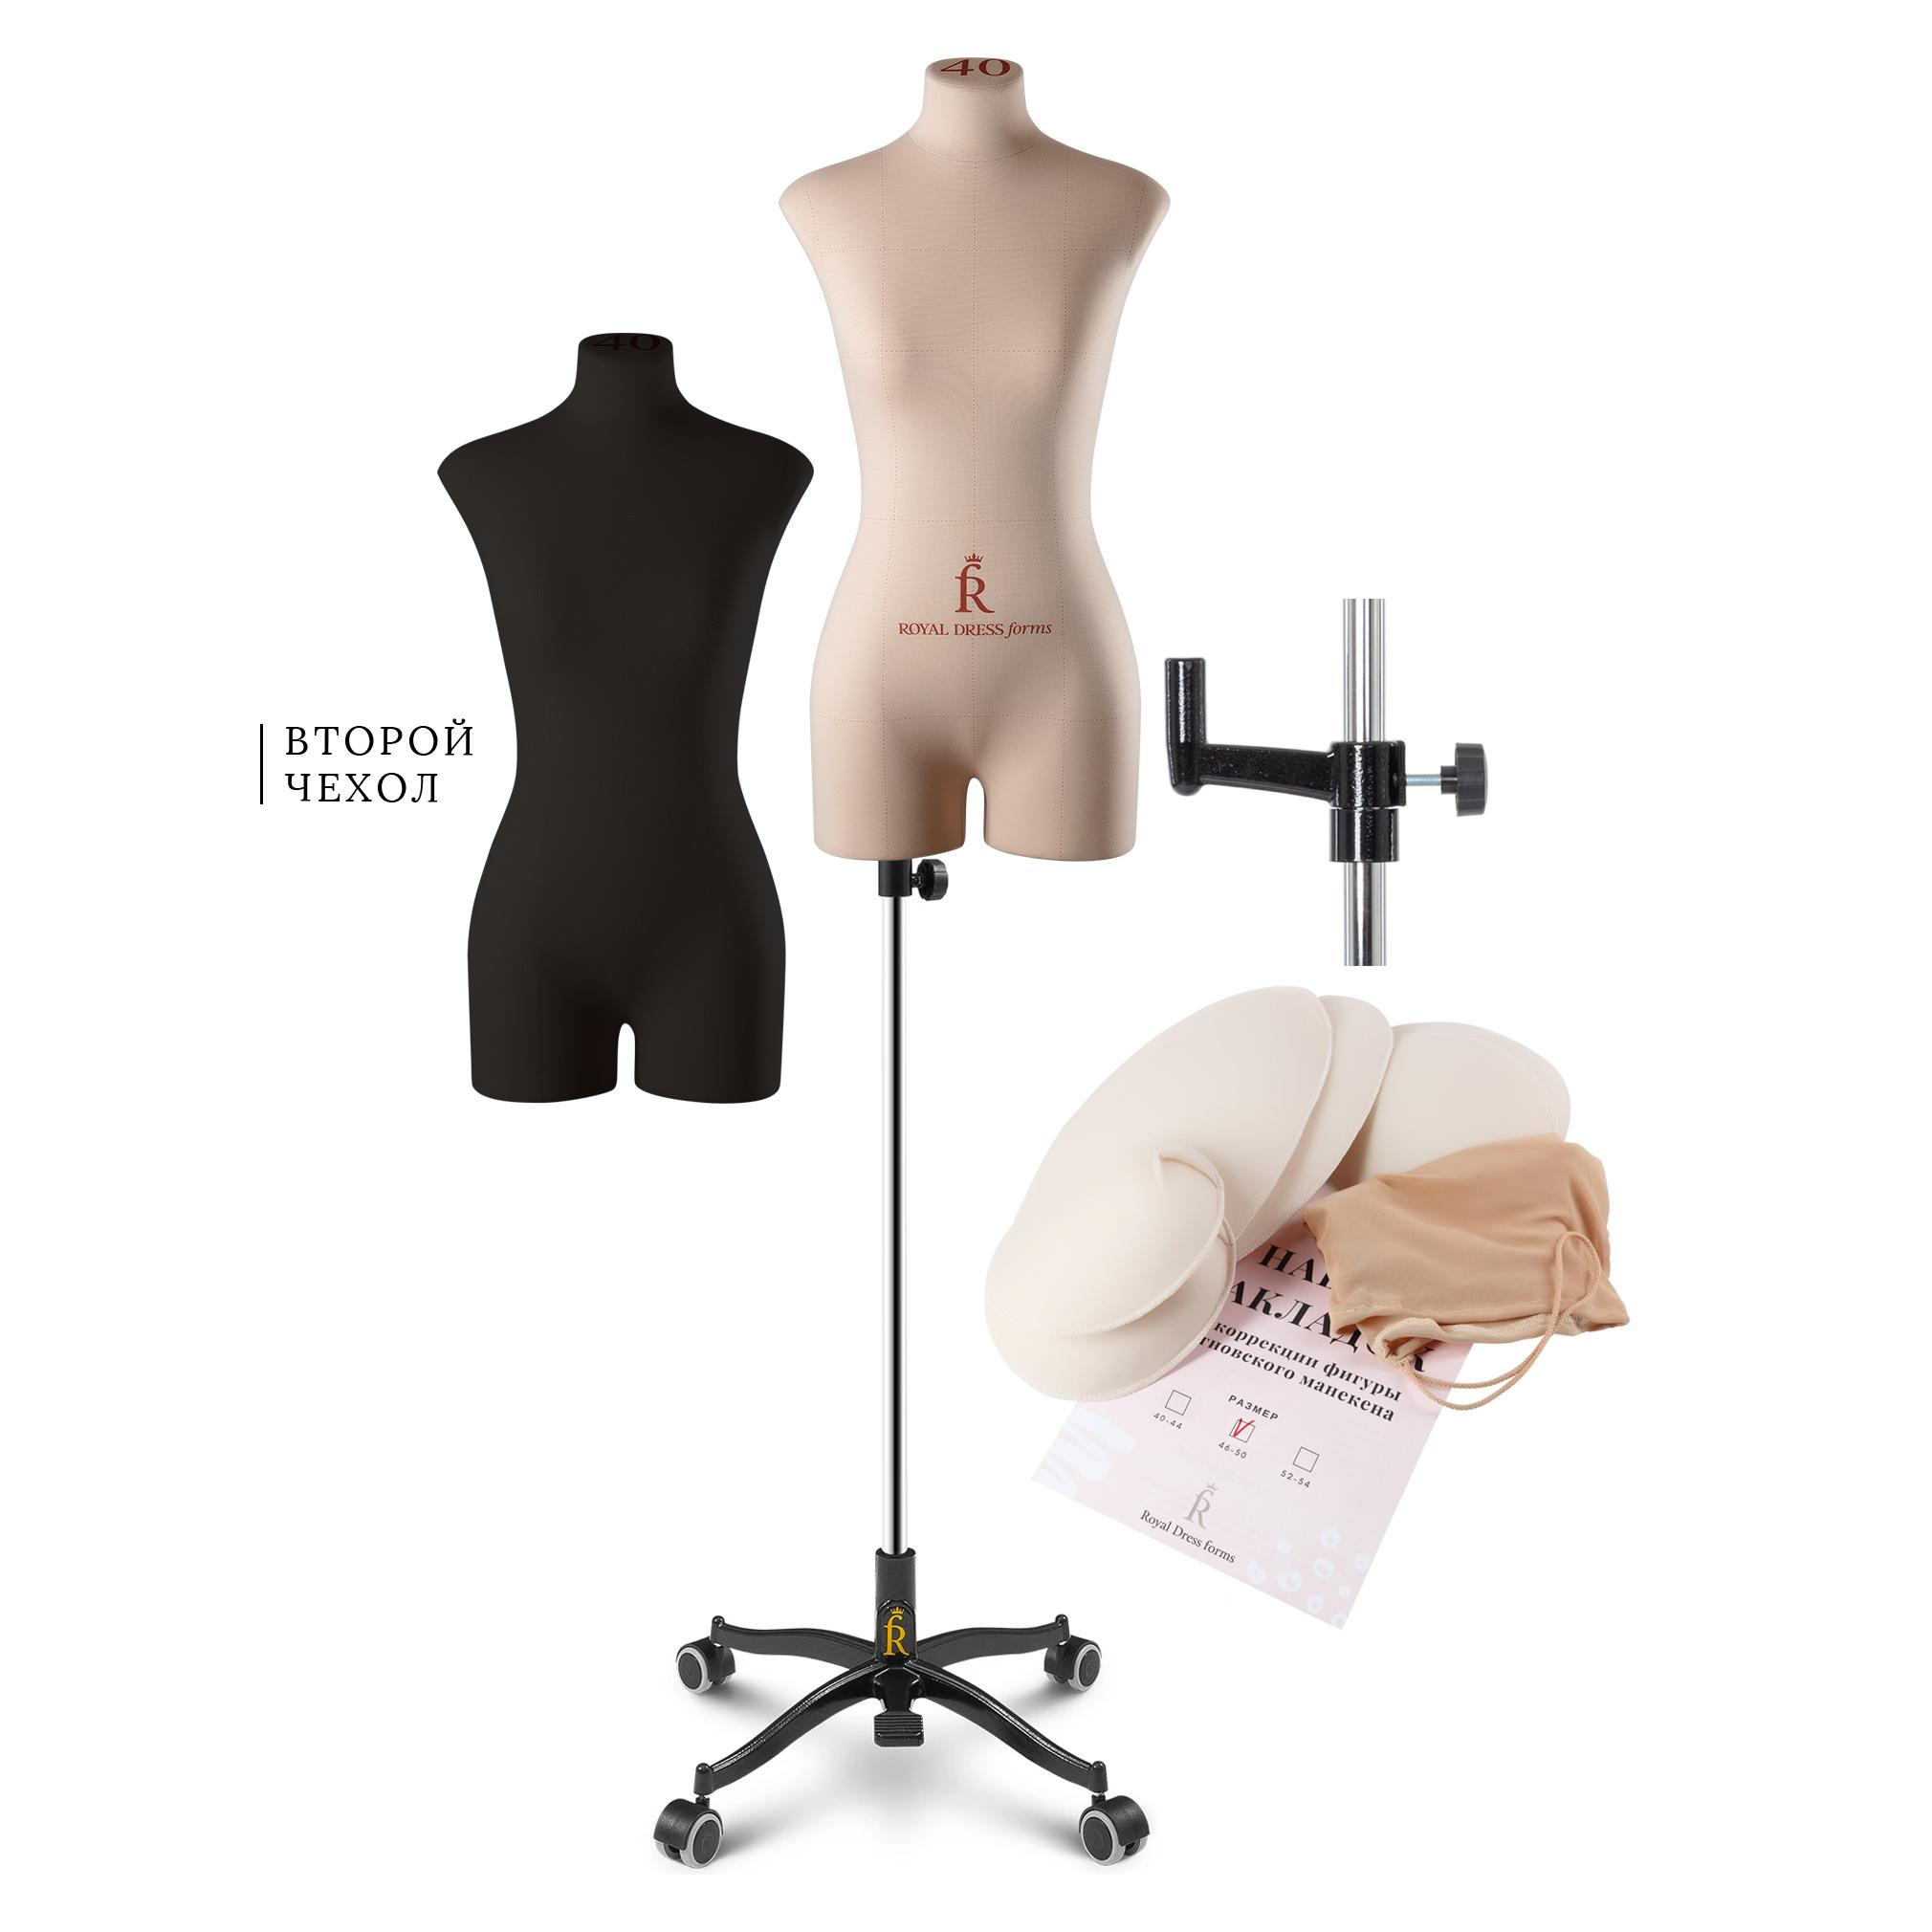 Манекен портновский Виктория, комплект Про, размер 44,  цвет бежевый, в комплекте набор накладок и сменный чехол